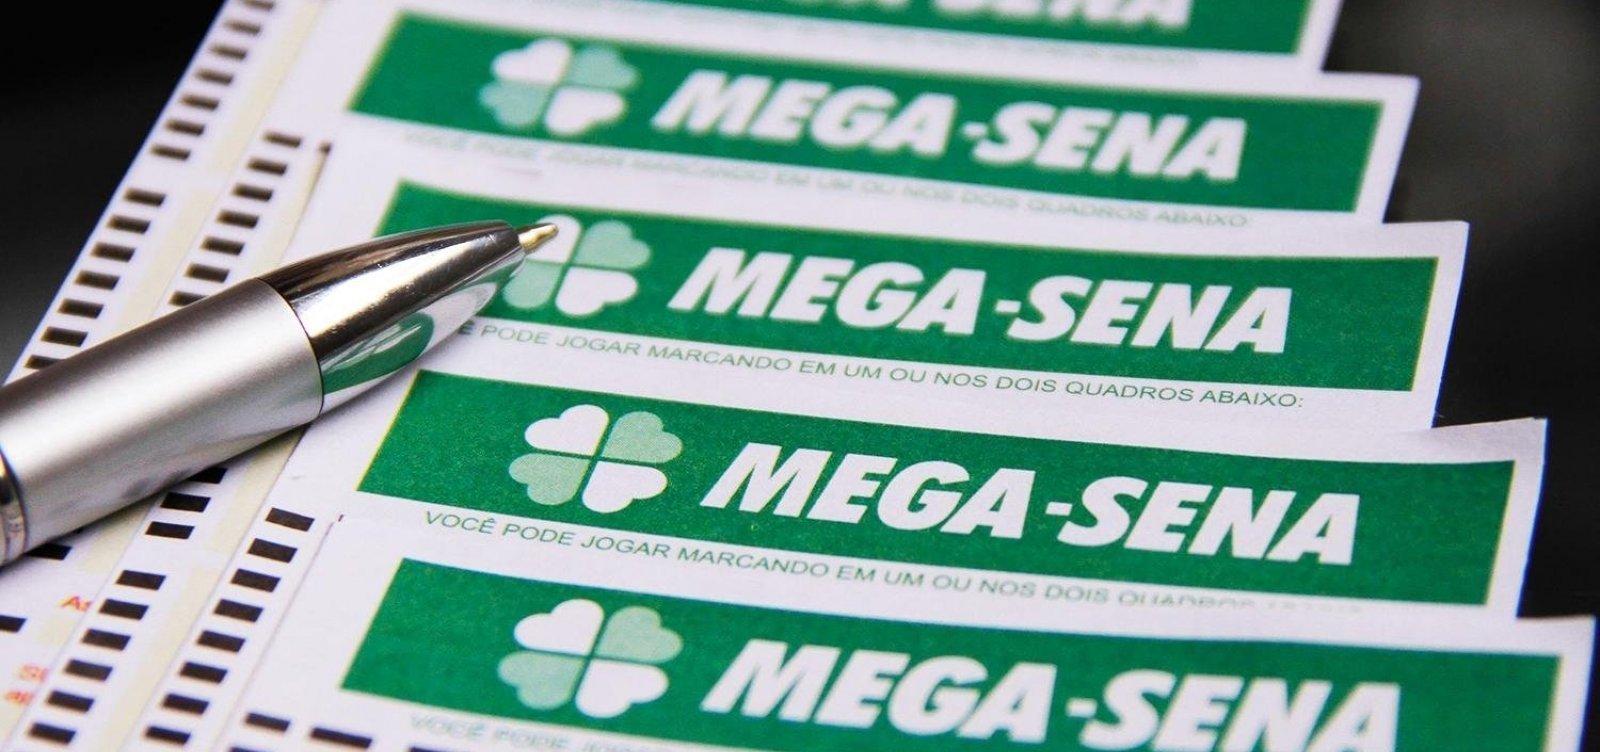 Mega-Sena: ninguém acerta as seis dezenas e prêmio acumula em R$ 4 milhões